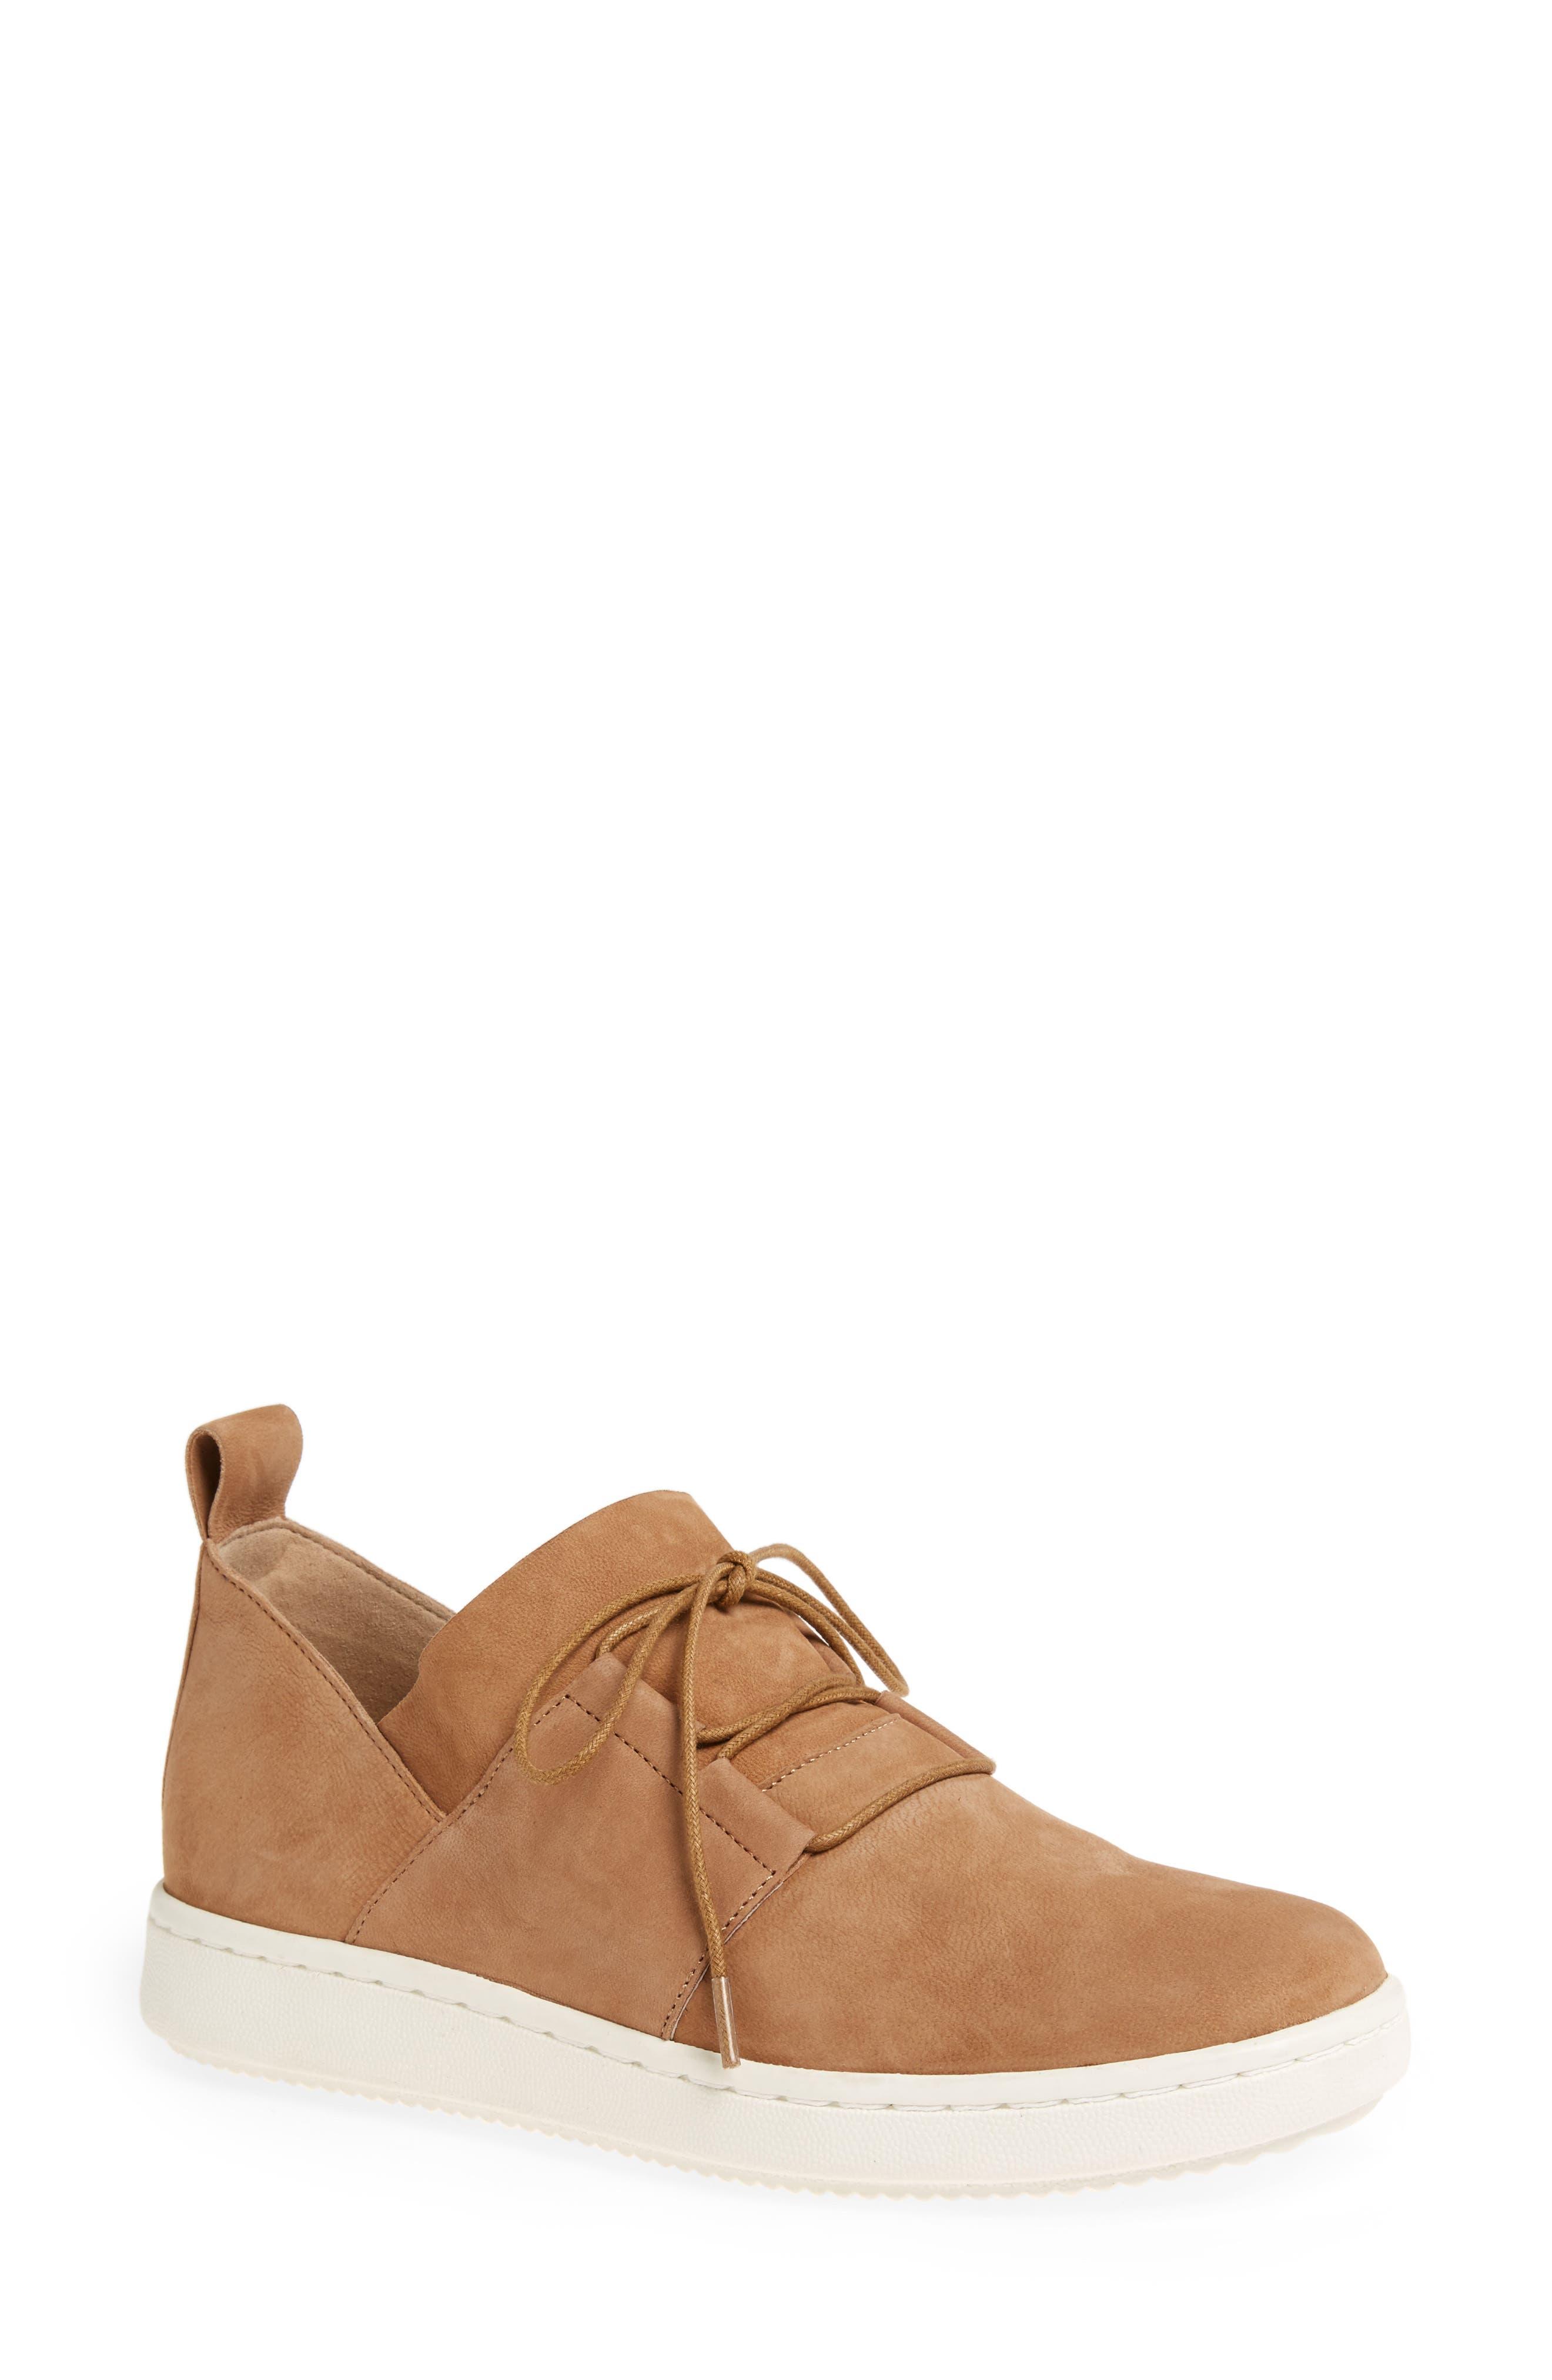 Eileen Fisher Kipling Sneaker (Women)